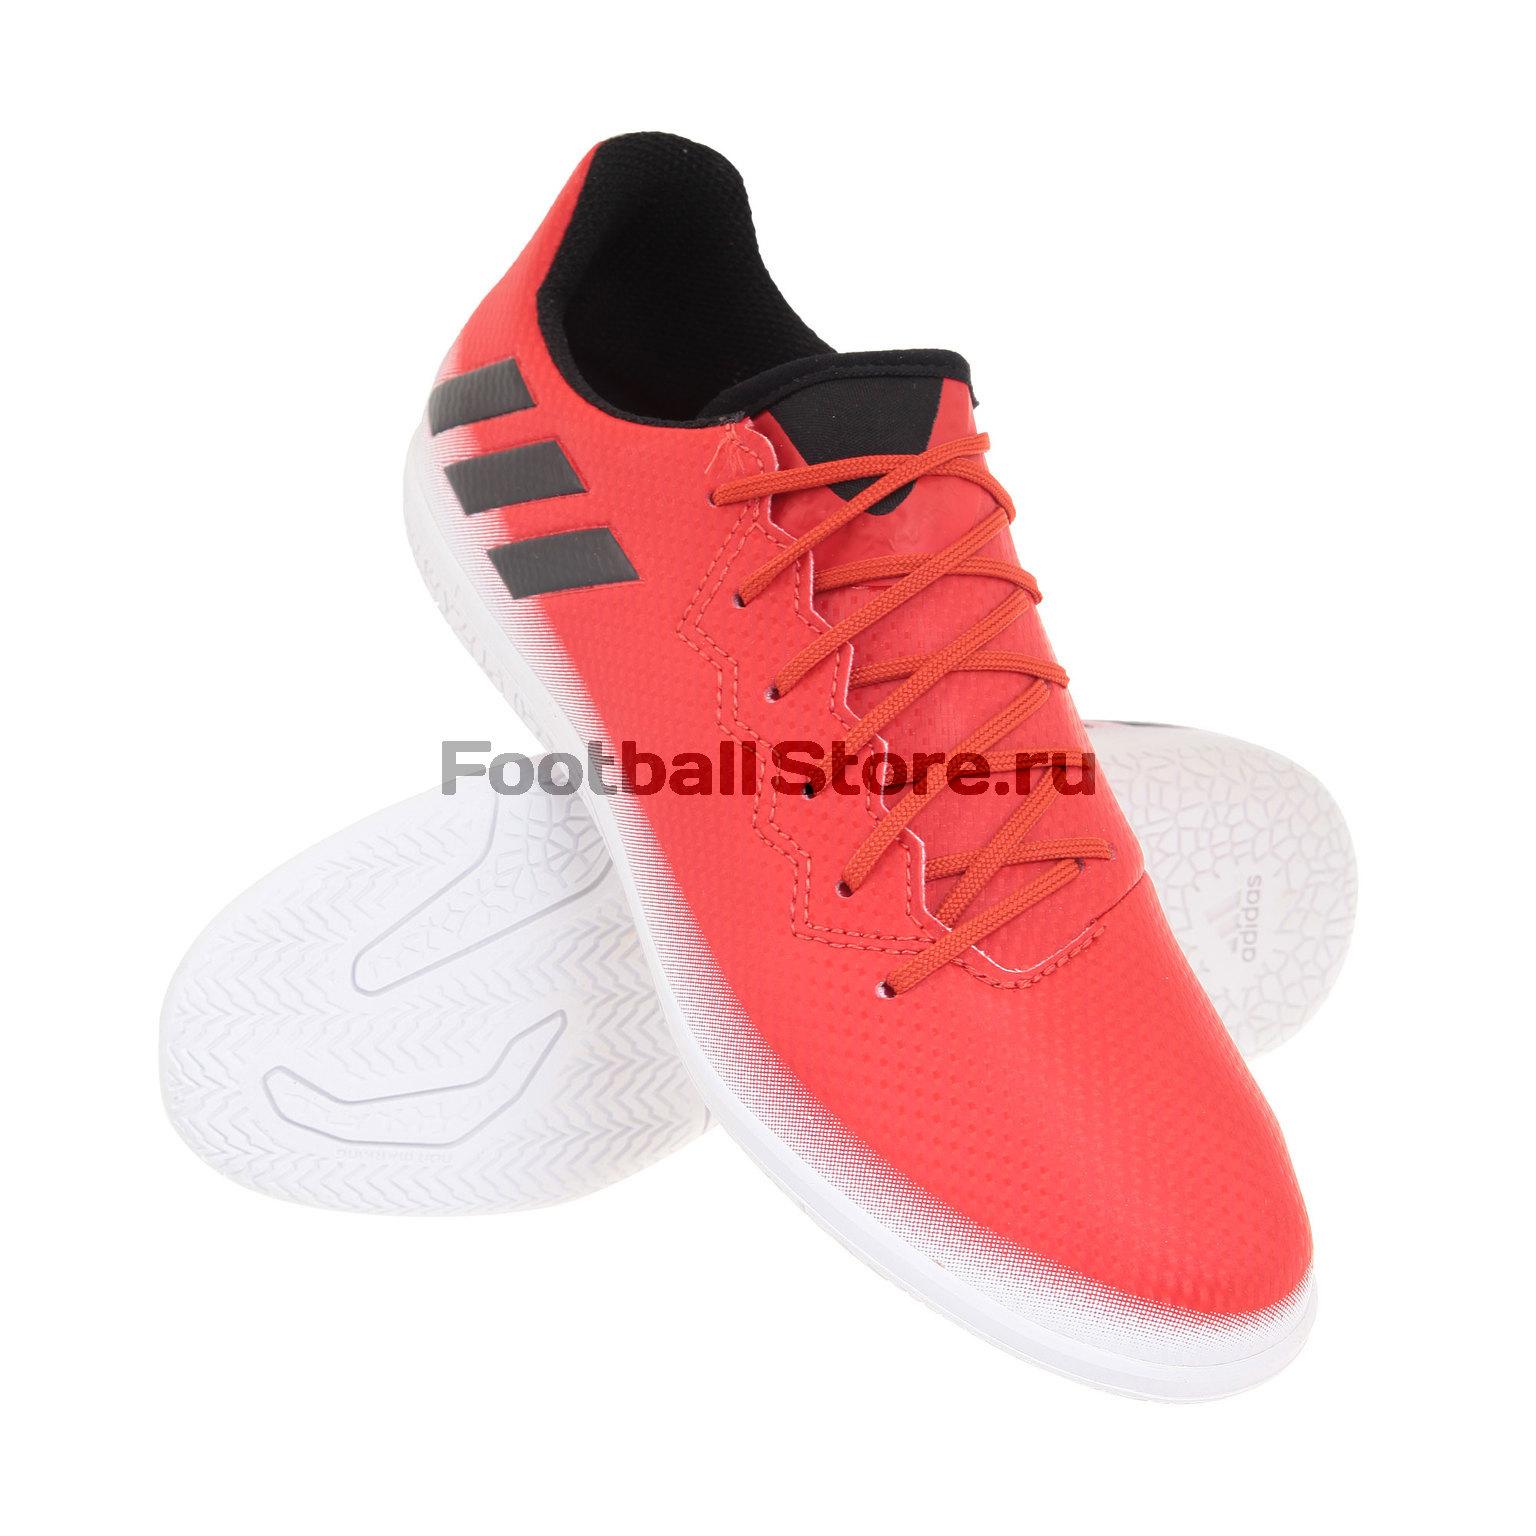 Бутсы Adidas Обувь для зала Adidas Messi 16.3 IN JR BB5650 бутсы adidas бутсы для зала дет спорт messi 16 3 in j